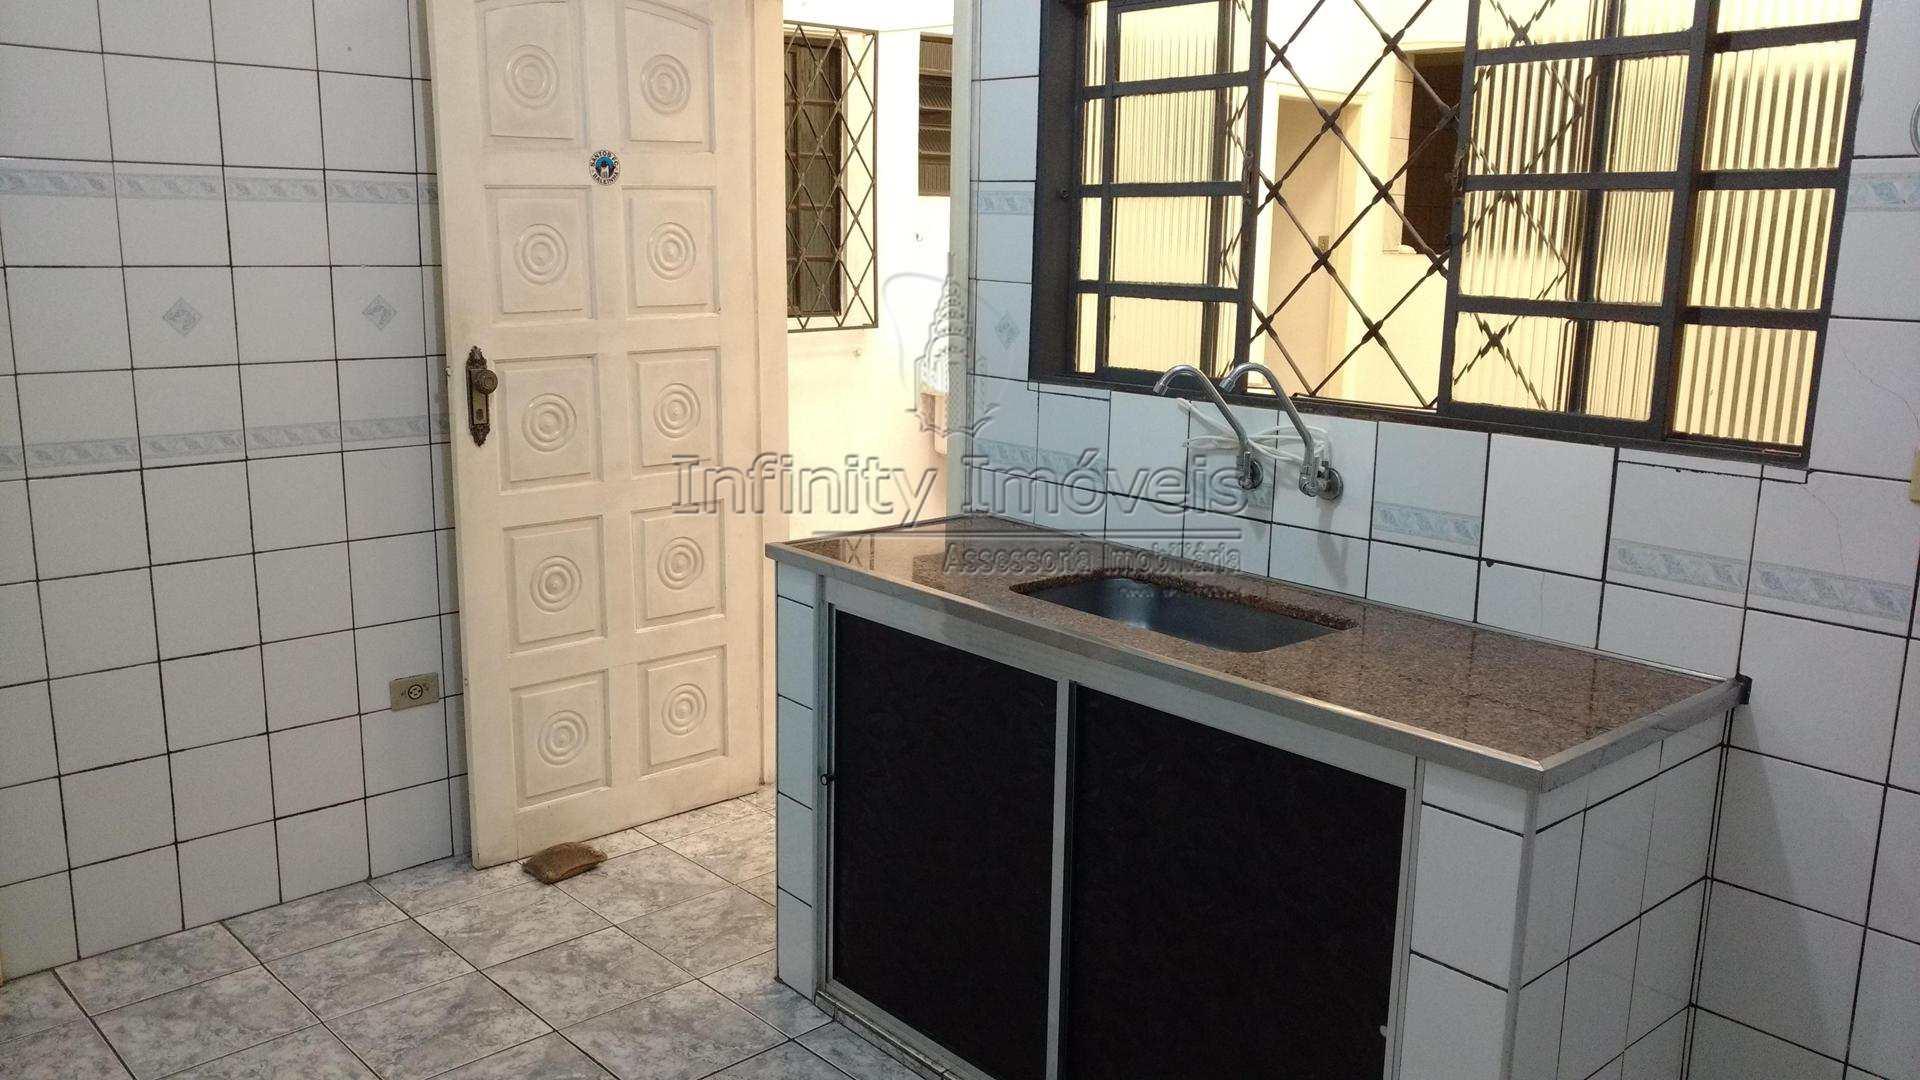 13 - Cozinha 03